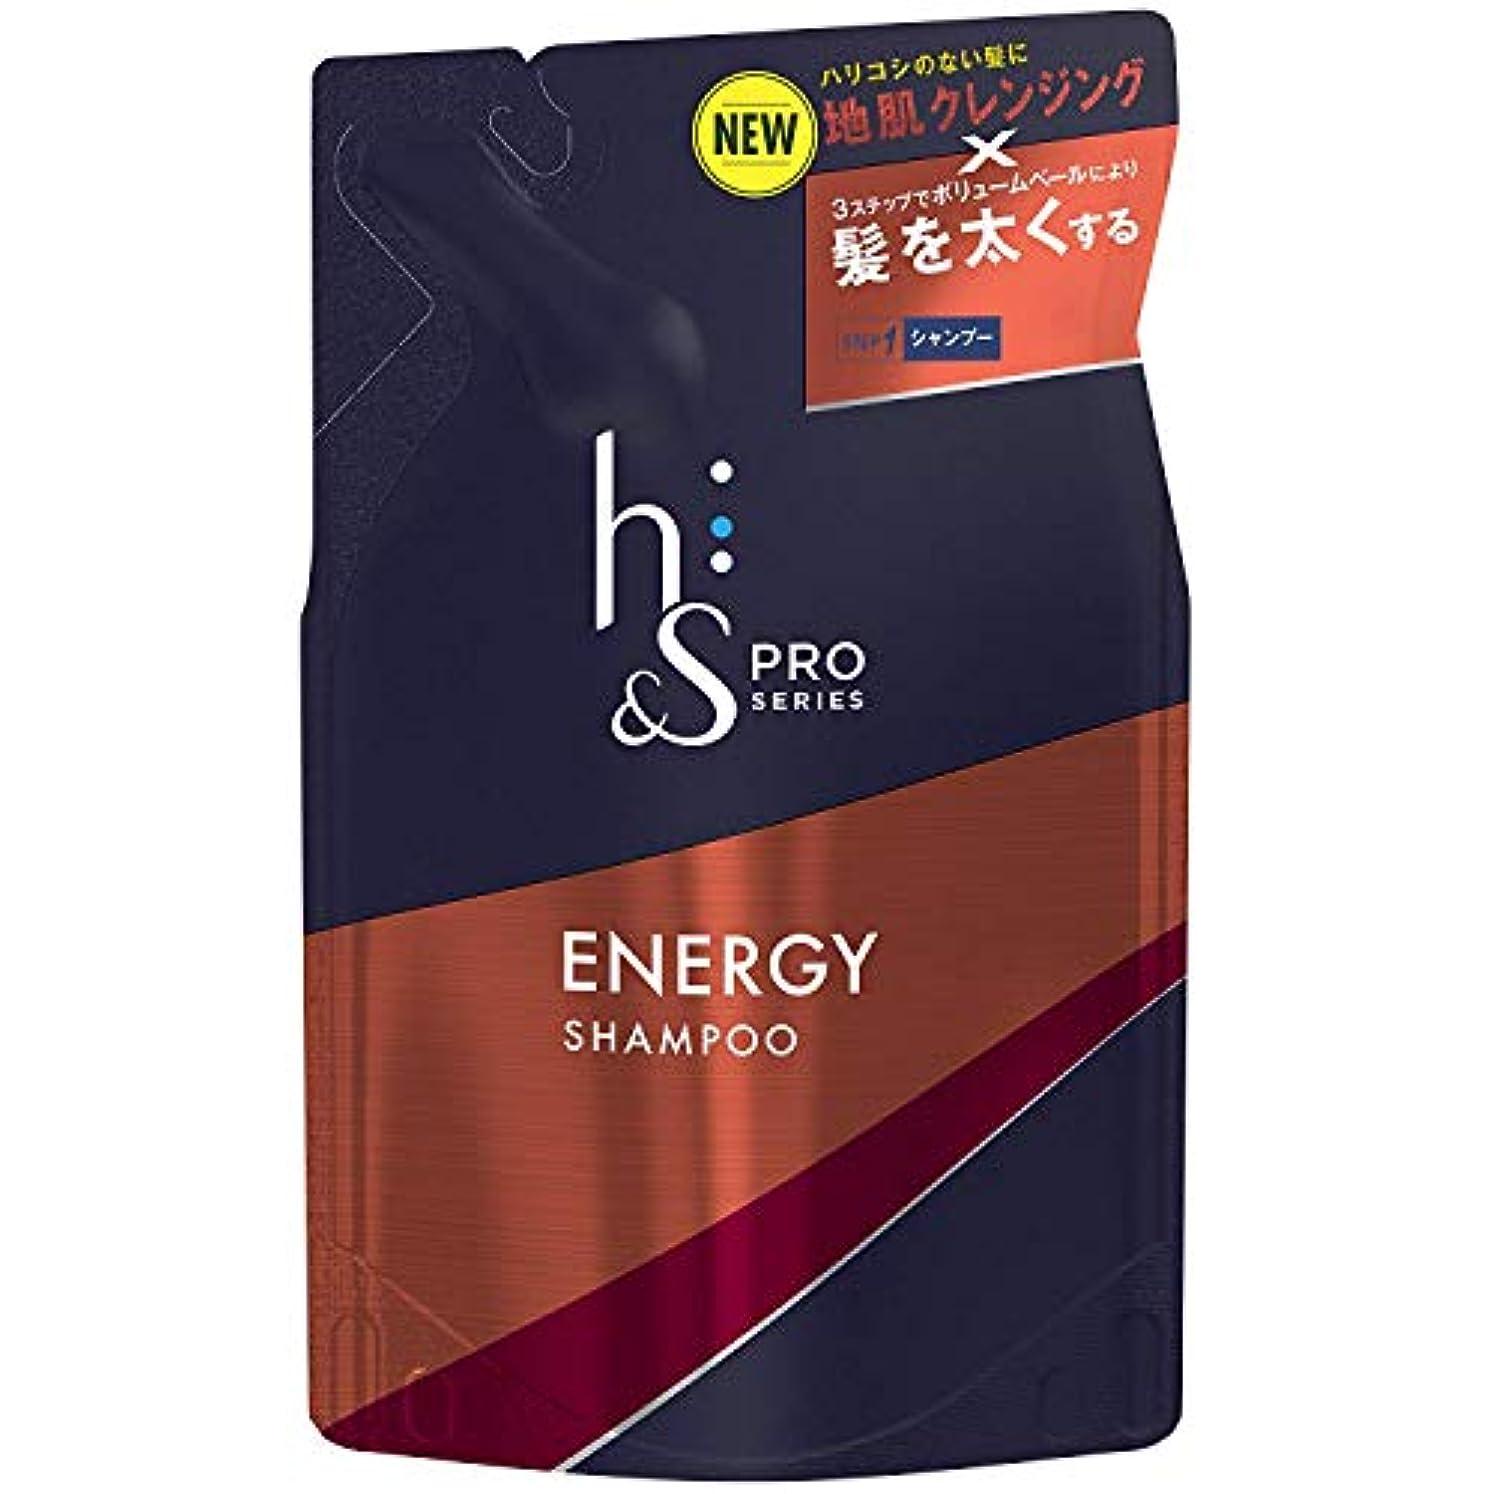 サスティーン発表受け皿【3個セット】h&s PRO (エイチアンドエス プロ) メンズ シャンプー エナジー 詰め替え (ボリューム重視) 300mL